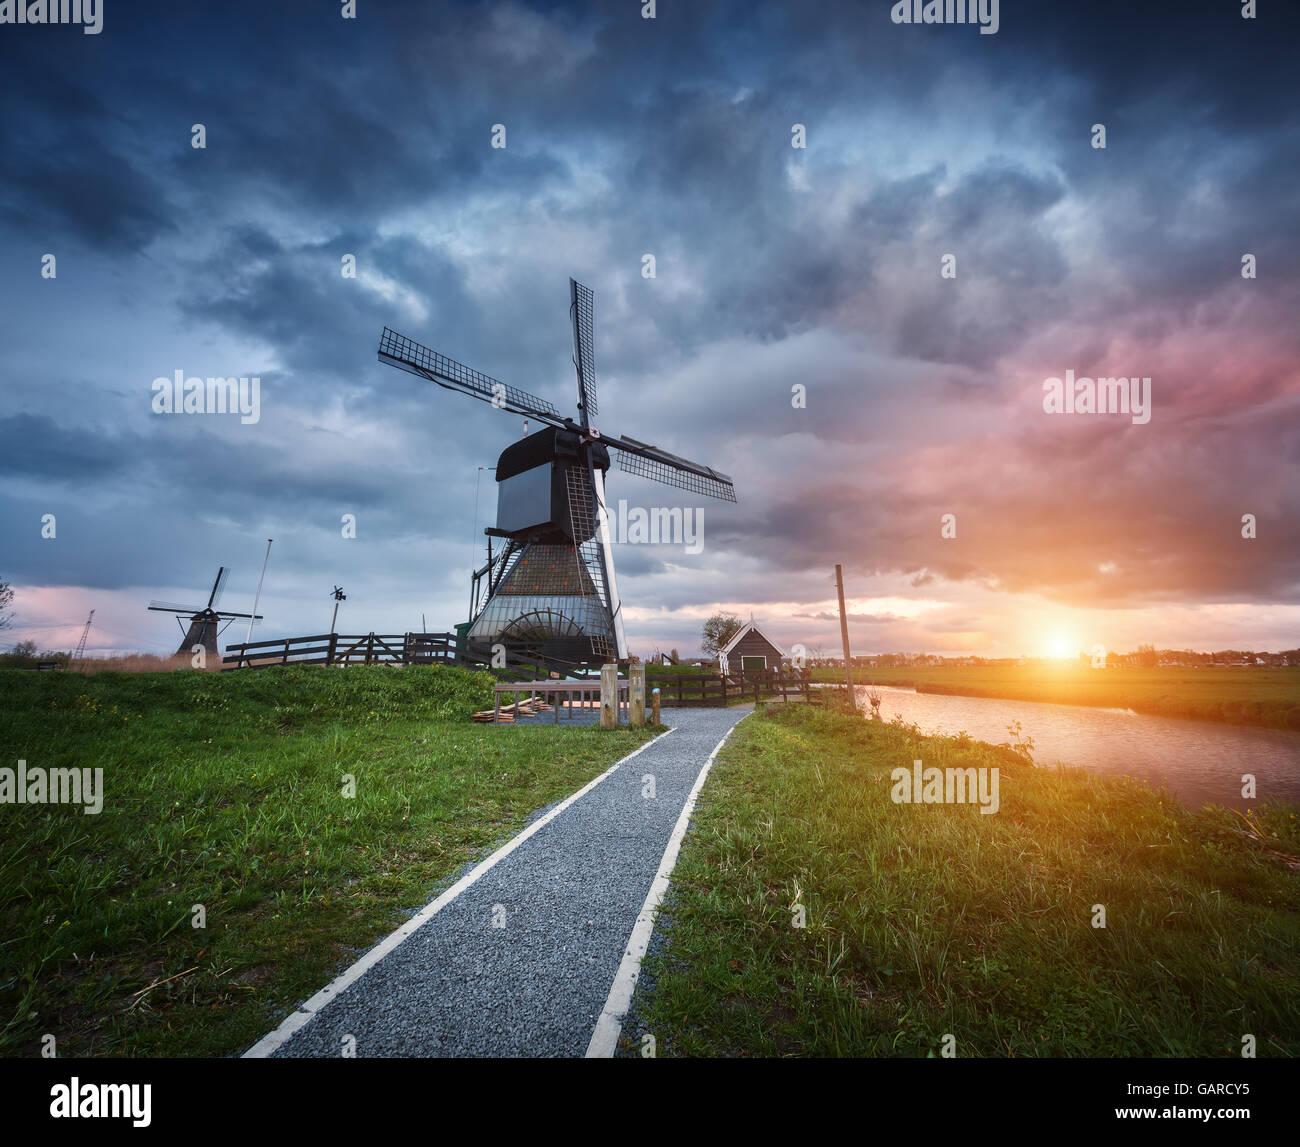 Paysage aux moulins à vent traditionnel néerlandais et le chemin près de l'eau des canaux. Nuages Photo Stock